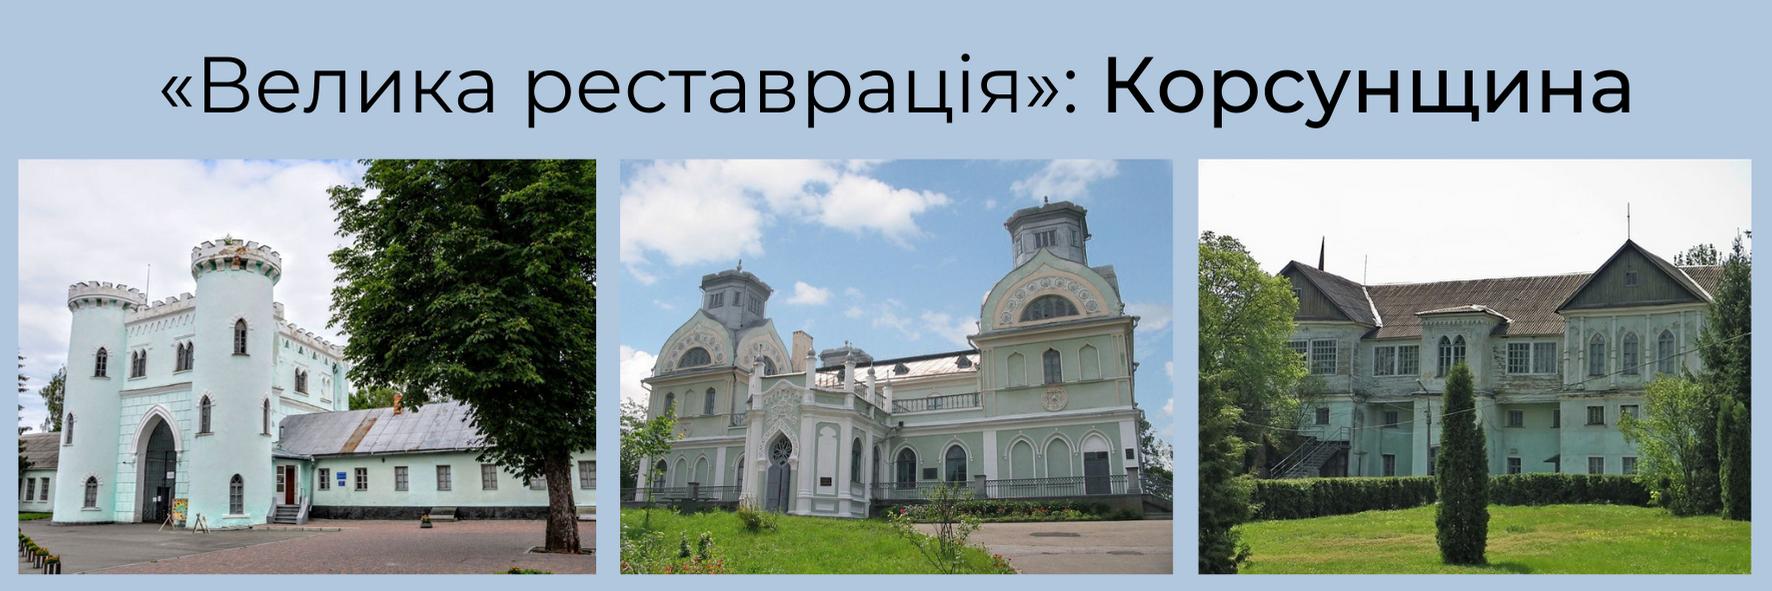 На Корсунщині реставруватимуть три культурні об'єкти